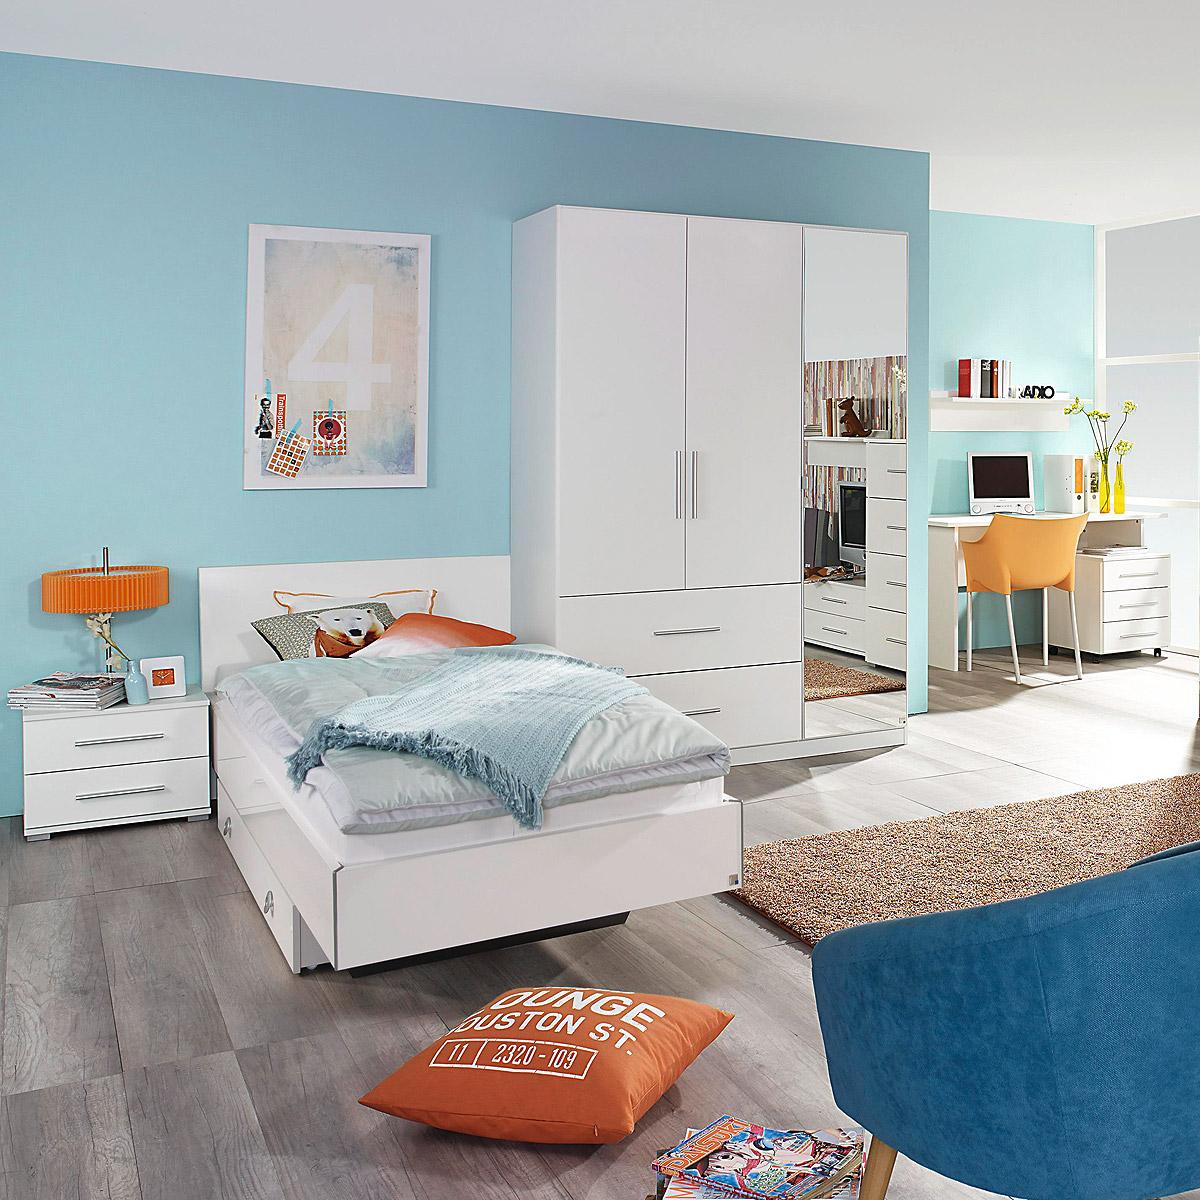 Bezaubernd Bett Jugendzimmer Das Beste Von Das Bild Wird Geladen Jugendzimmer-set-manja-bett -kleiderschrank-schreibtsch-nako-5-